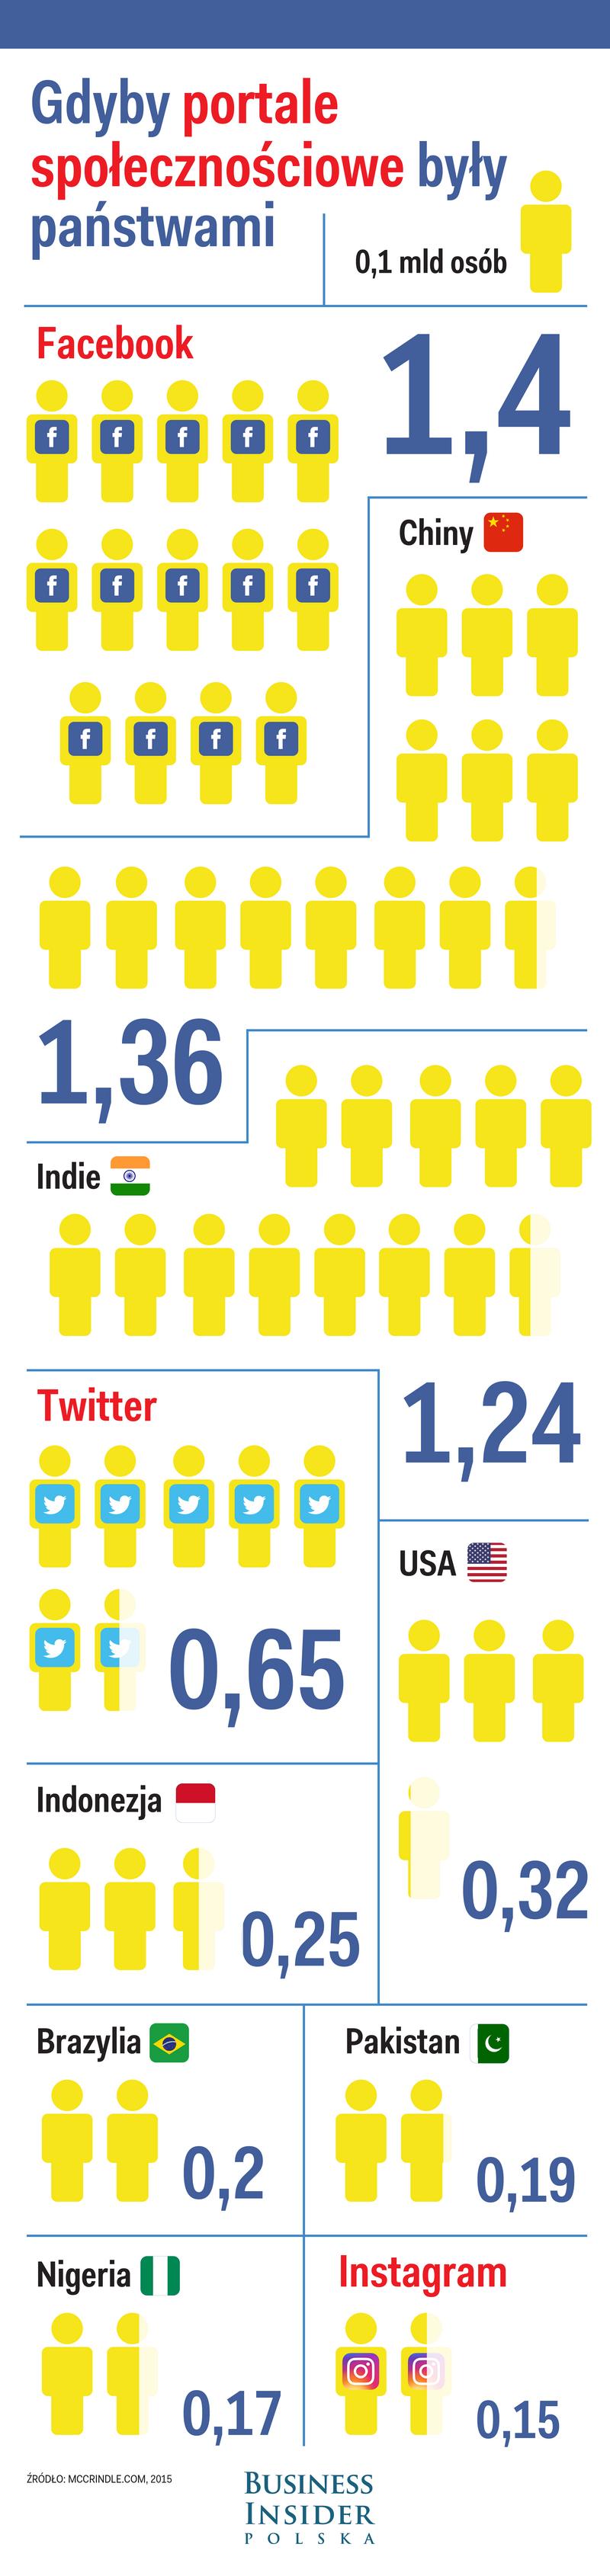 Liczba użytkowników portali społecznościowych a liczebność państw